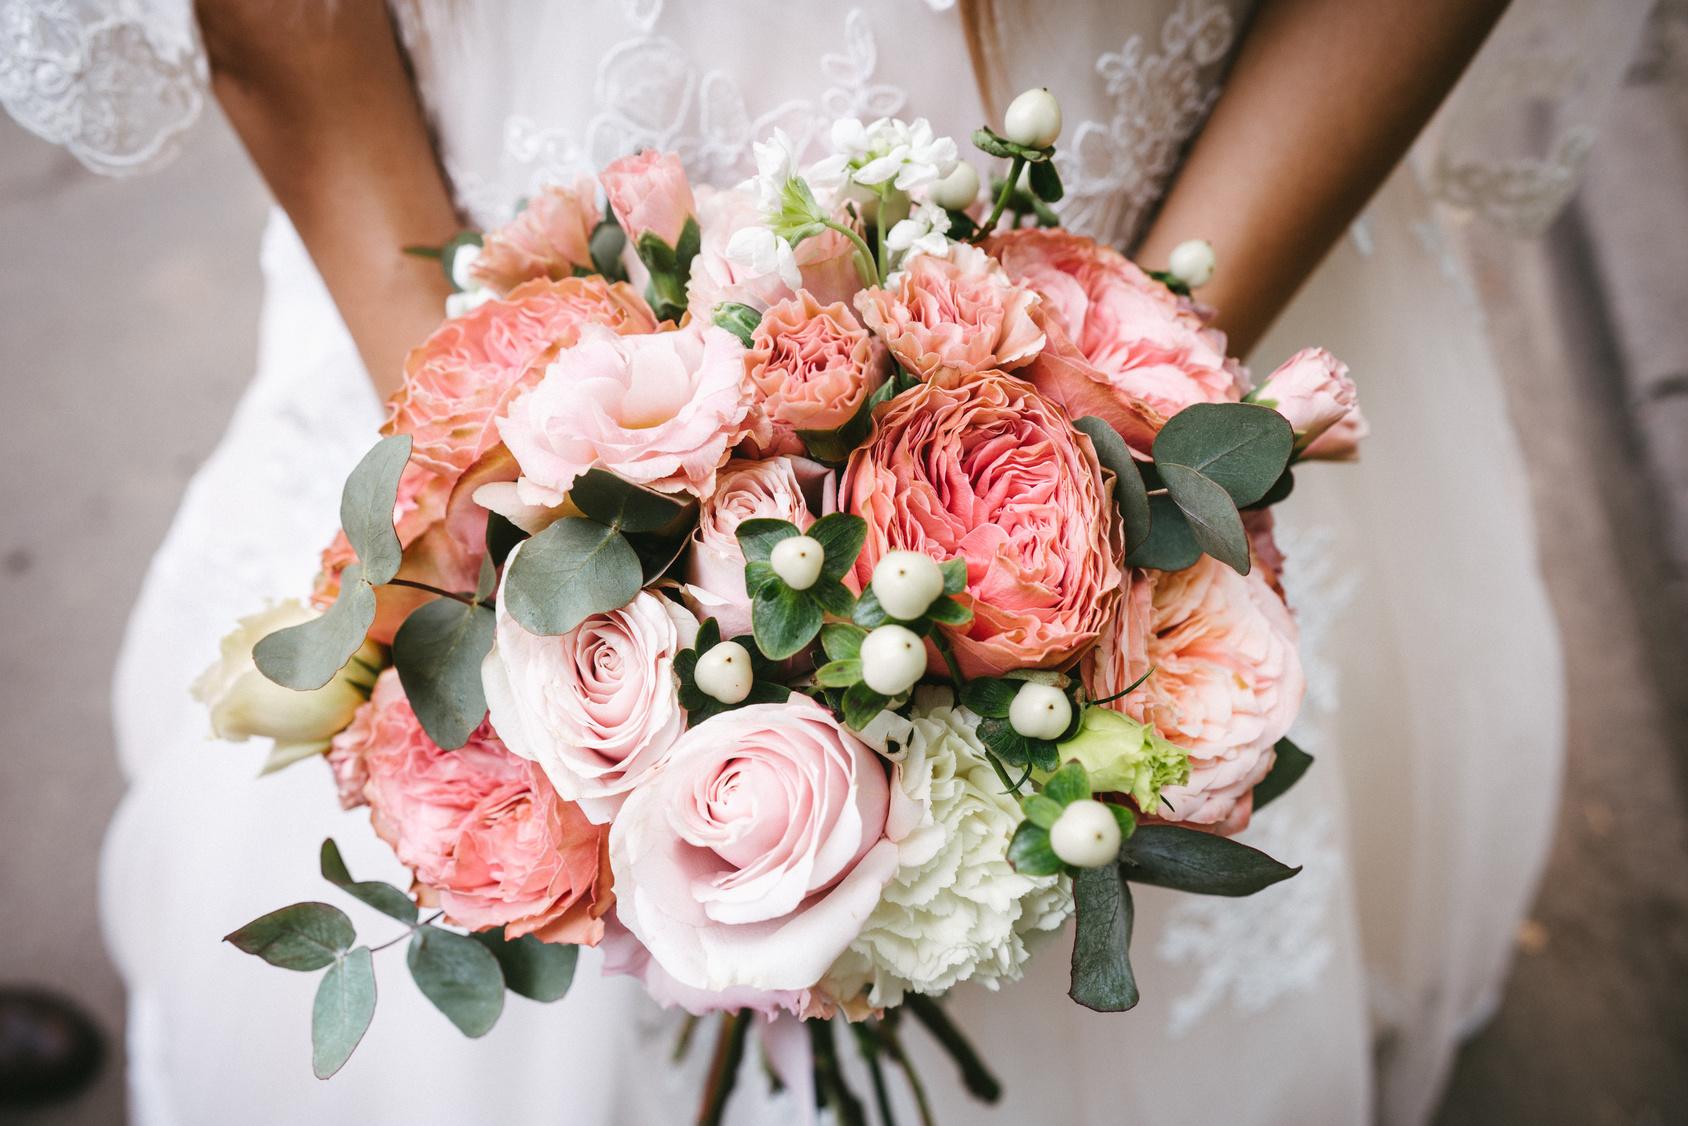 Bukiet ślubny z pastelowych peonii, Panna młoda z bukietem ślubnym